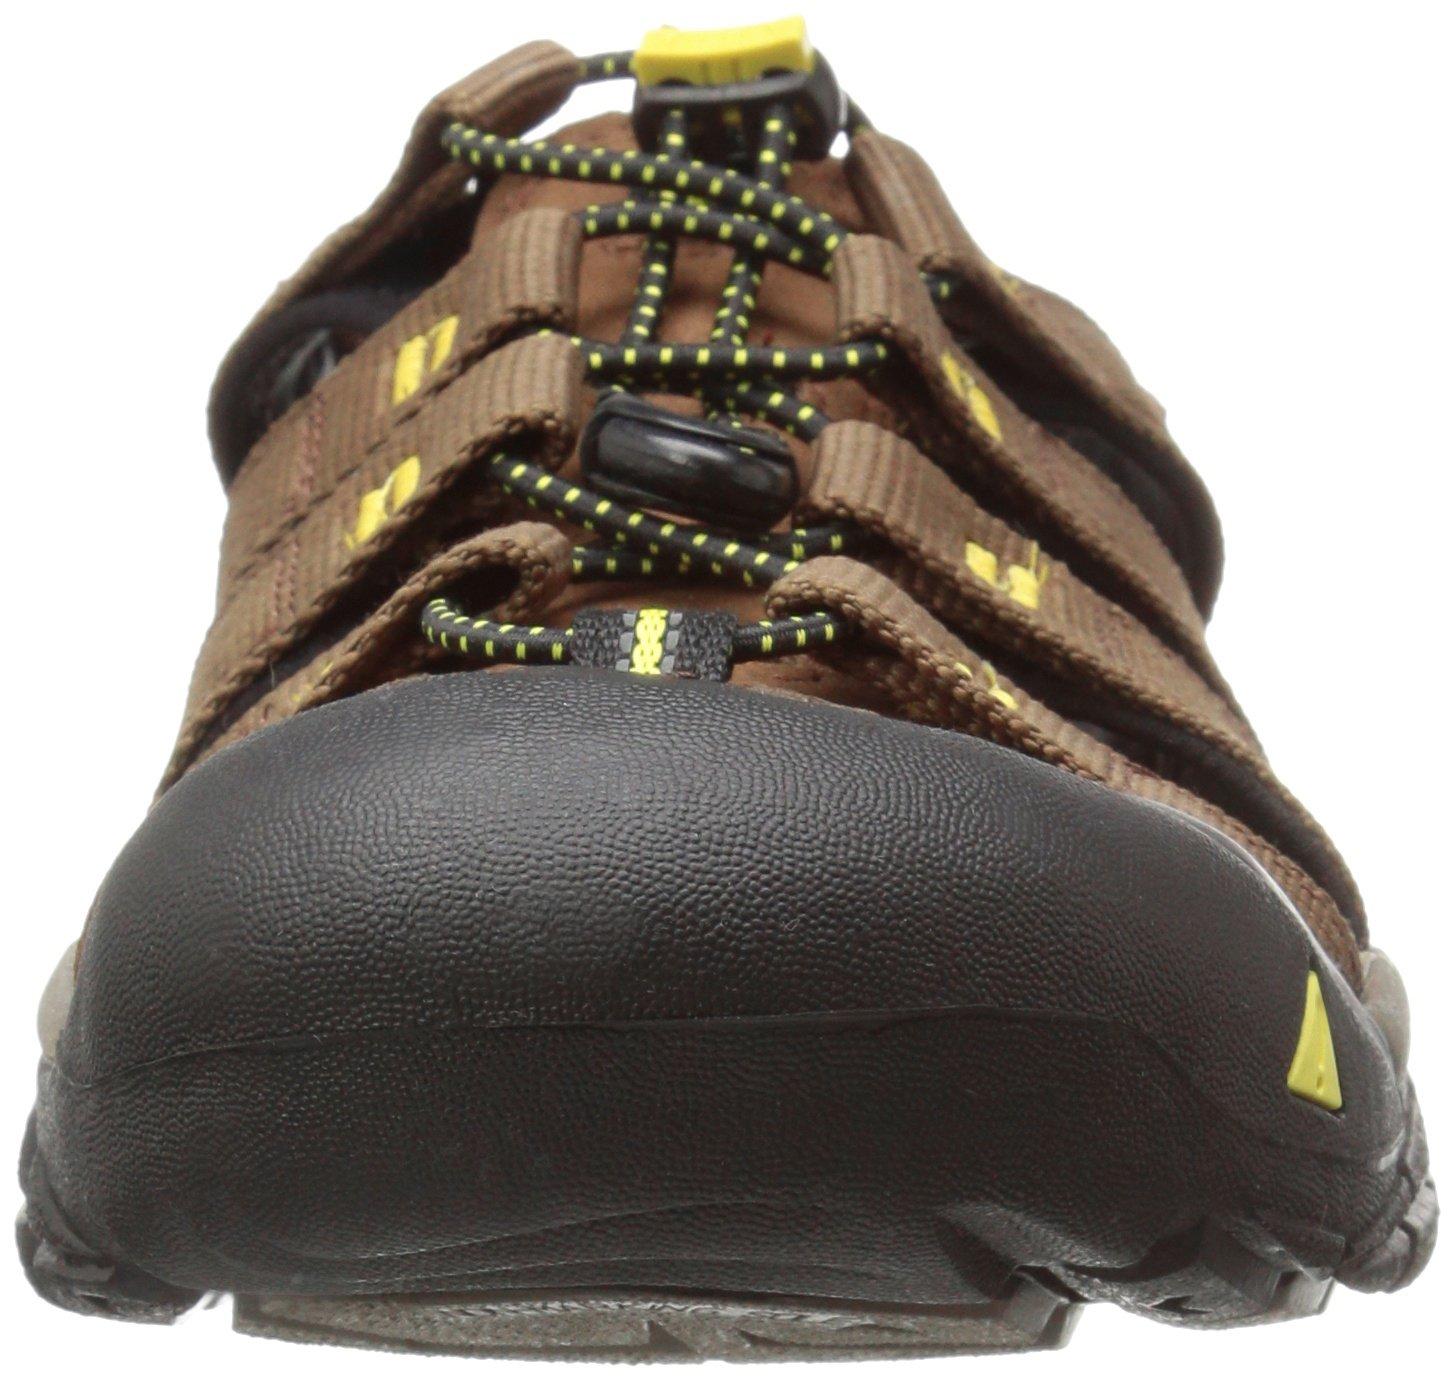 KEEN Men's Newport H2 Sandal B01H8LG2C8 7.5 D(M) US|Dark Earth/Acacia